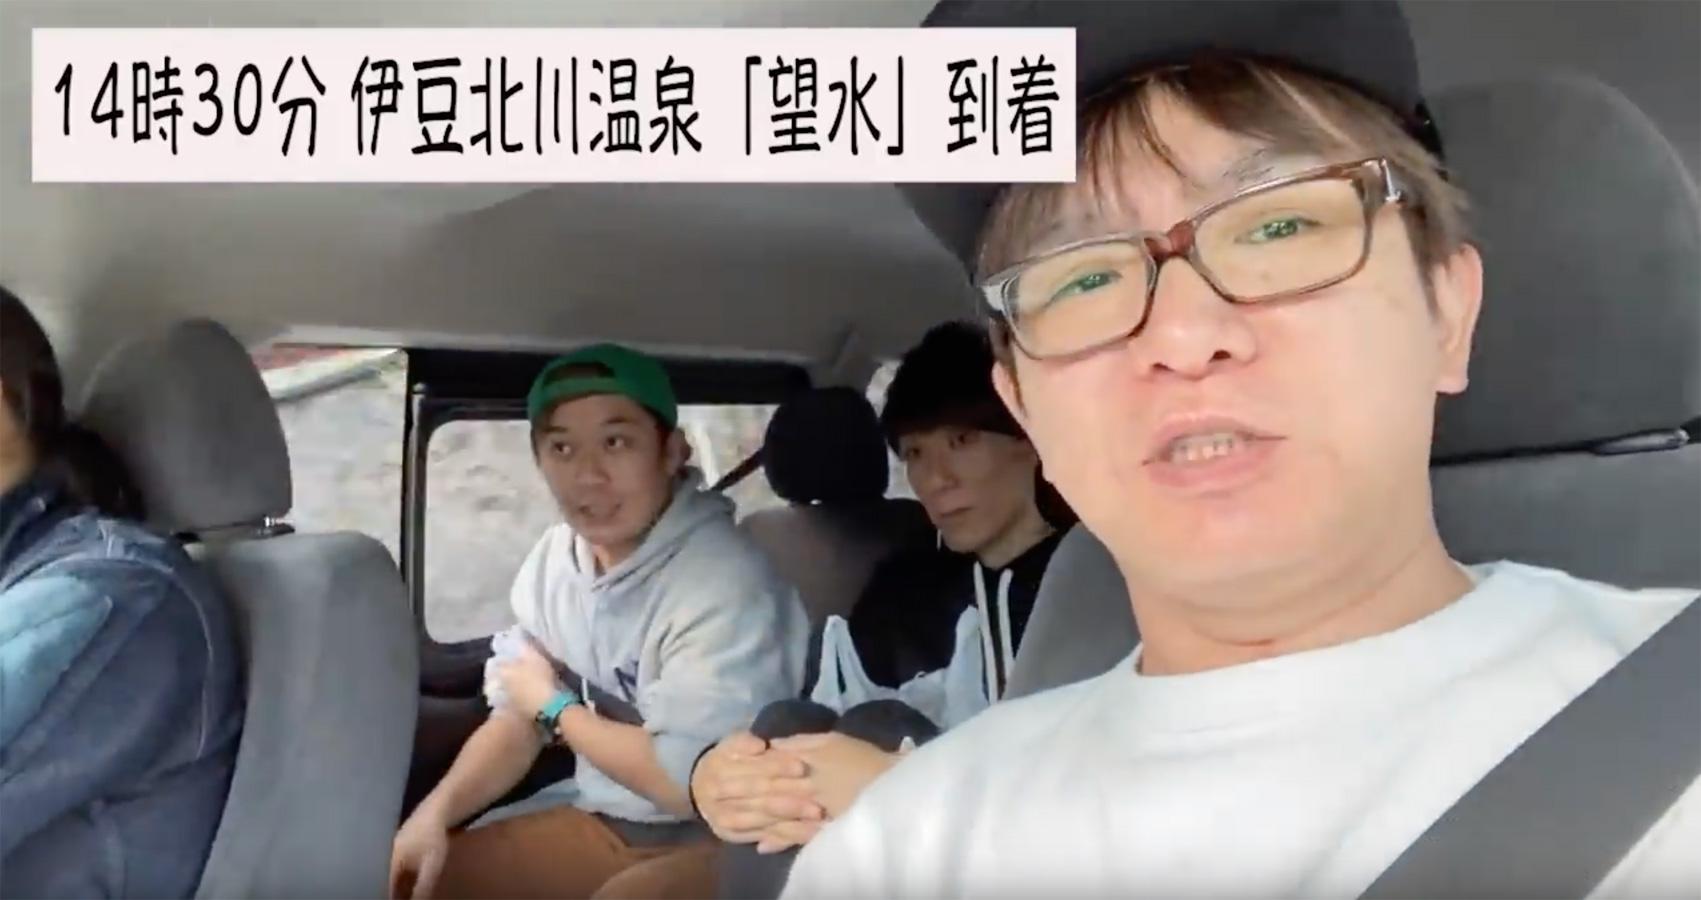 よゐこ濱口2020年正月プライベート旅行!!|優ノープラントラベル